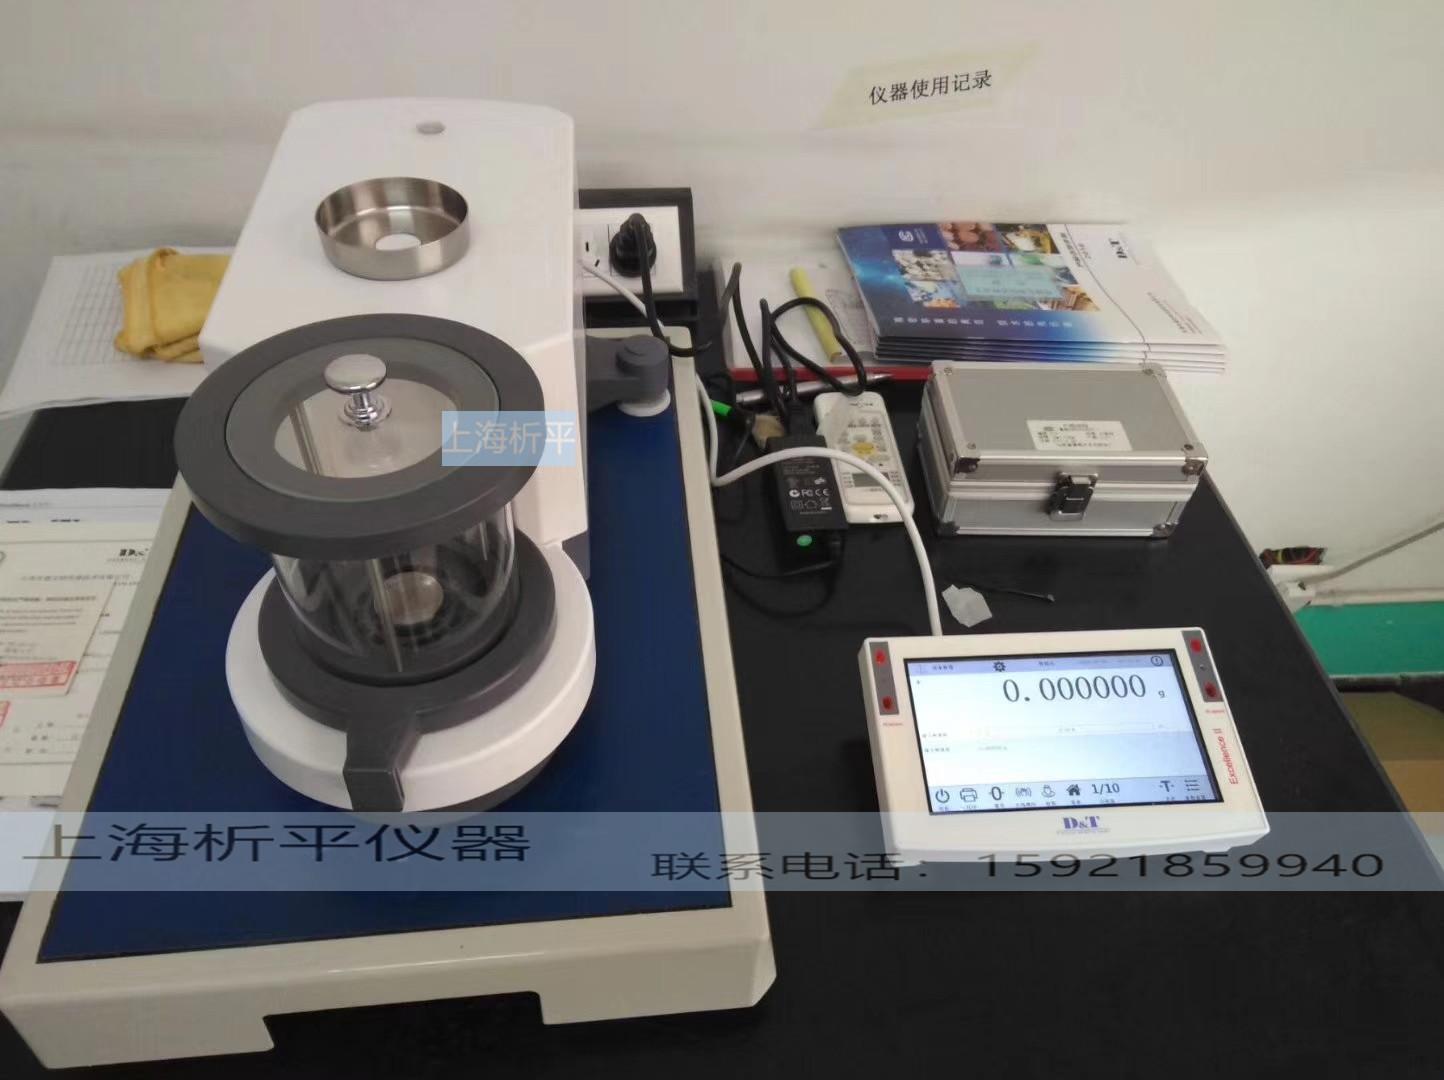 Triệu phần cân điện tử 0.001mg trace 0.000001g phòng thí nghiệm phân tích cân bằng